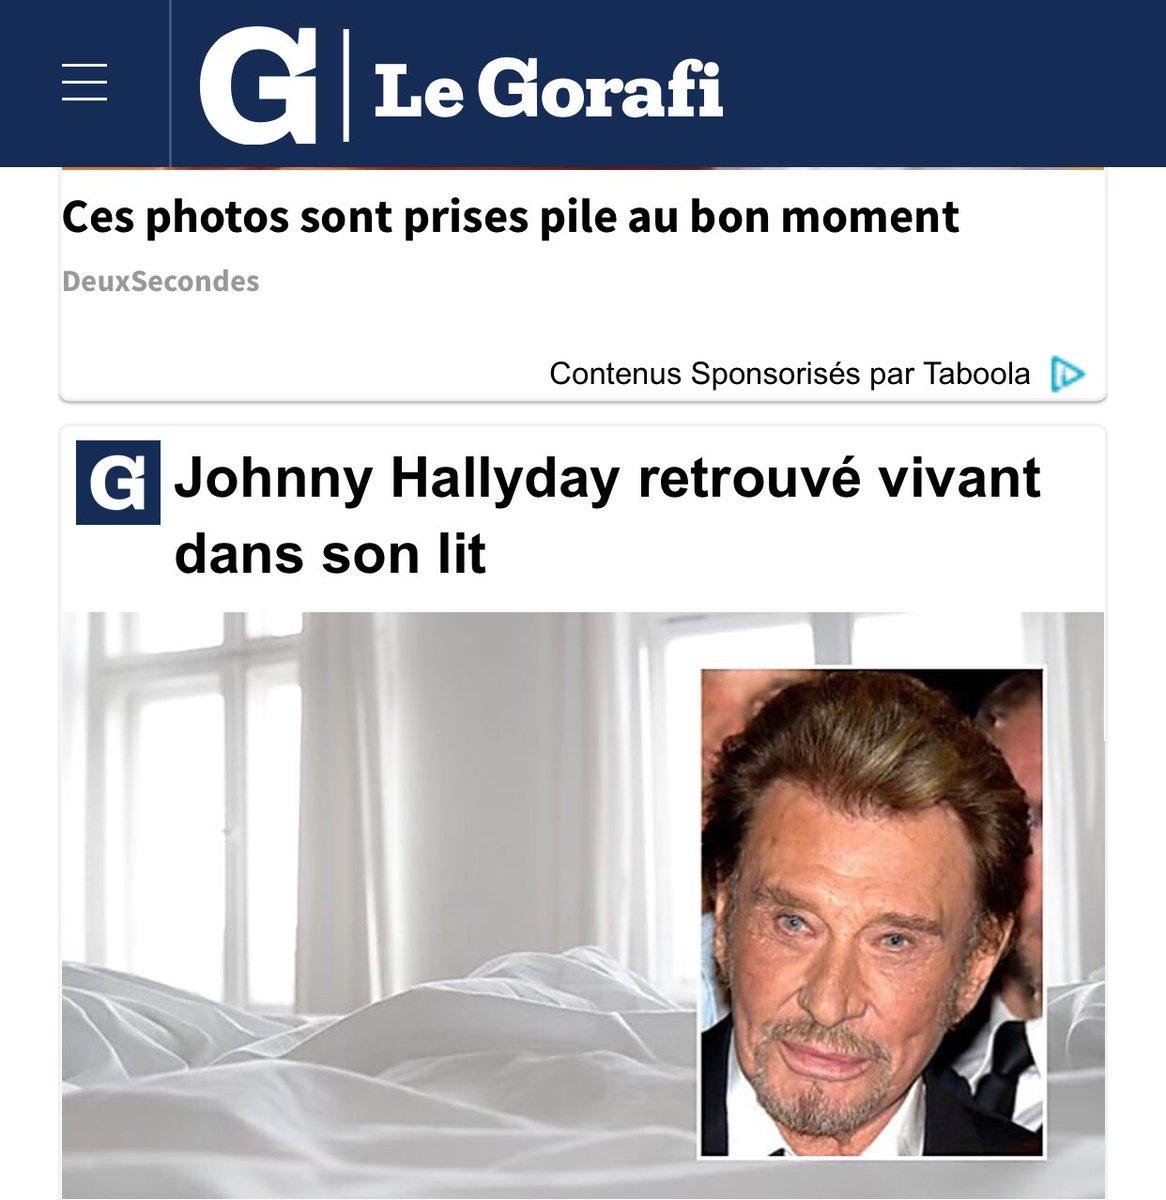 #LeGorafi essaye de tester les #fansdeJohnny #Johnny #Hallyday en faisant un humour de caniveau. Profitant au passage pour ch... sur les #chrétiens. @le_gorafi #Marie #montretacroixpic.twitter.com/QfDVZz8NAx